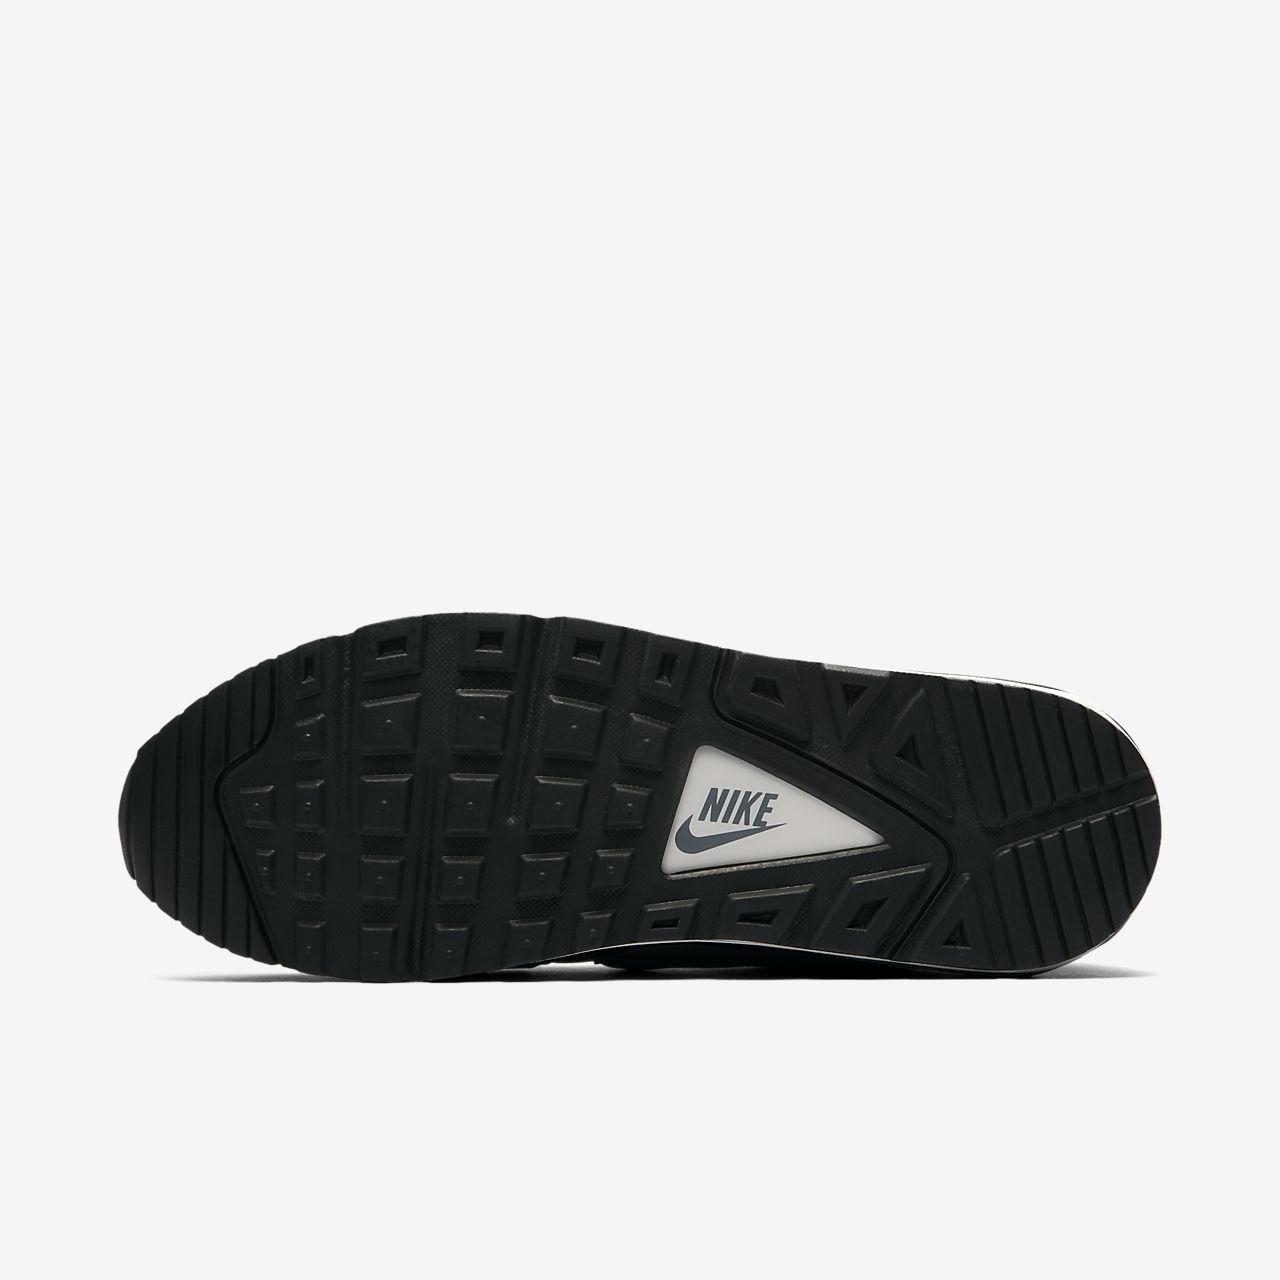 chaussure nike air max command si pour homme,nike air max